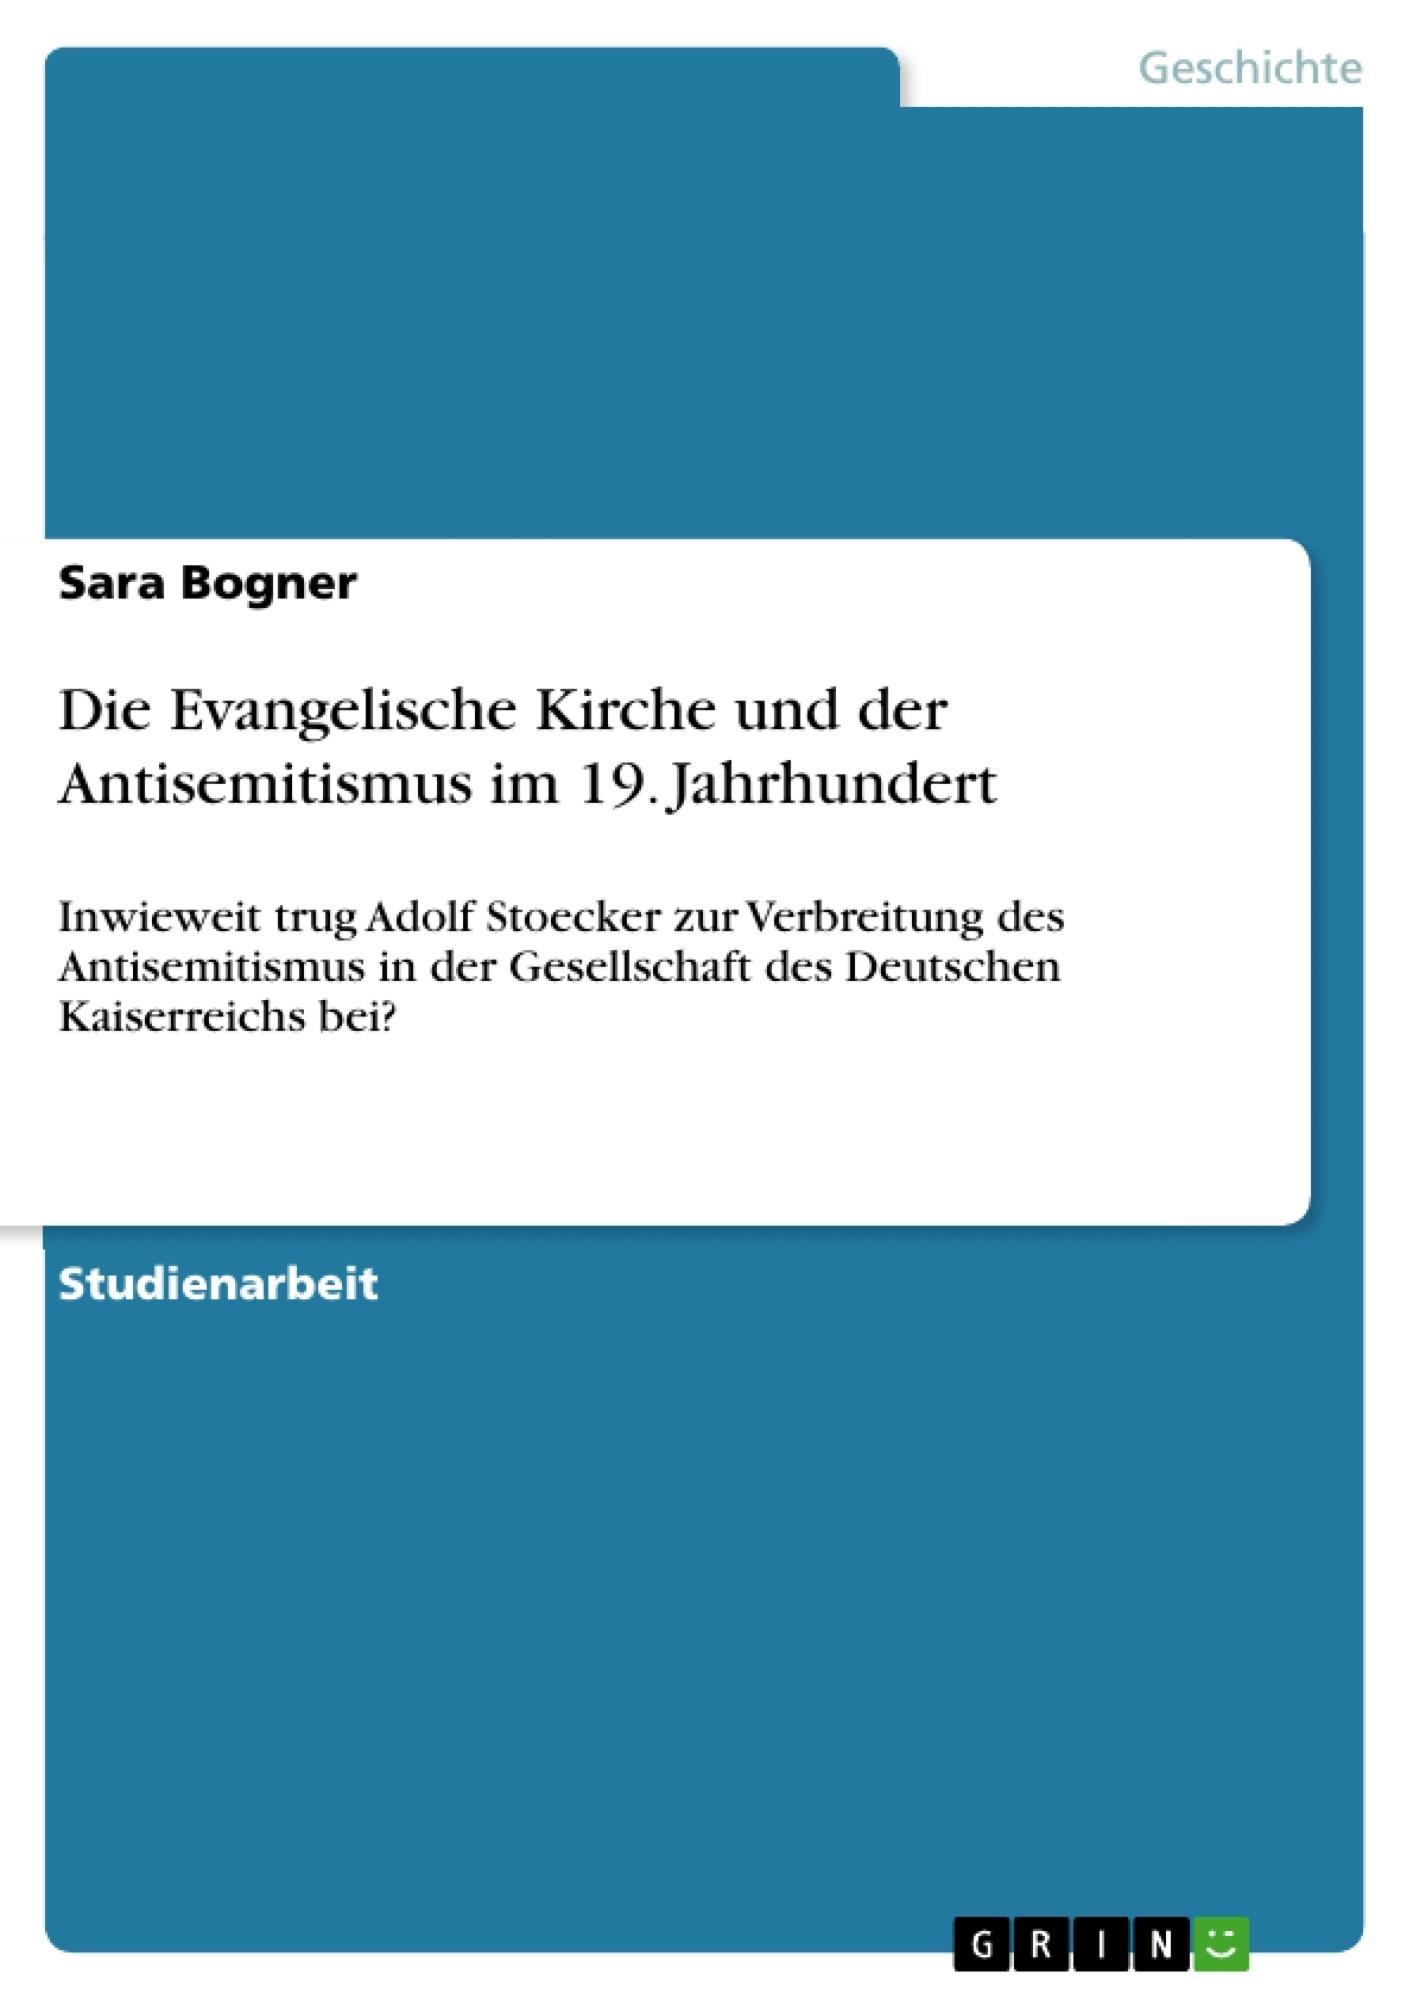 Titel: Die Evangelische Kirche und der Antisemitismus im 19. Jahrhundert